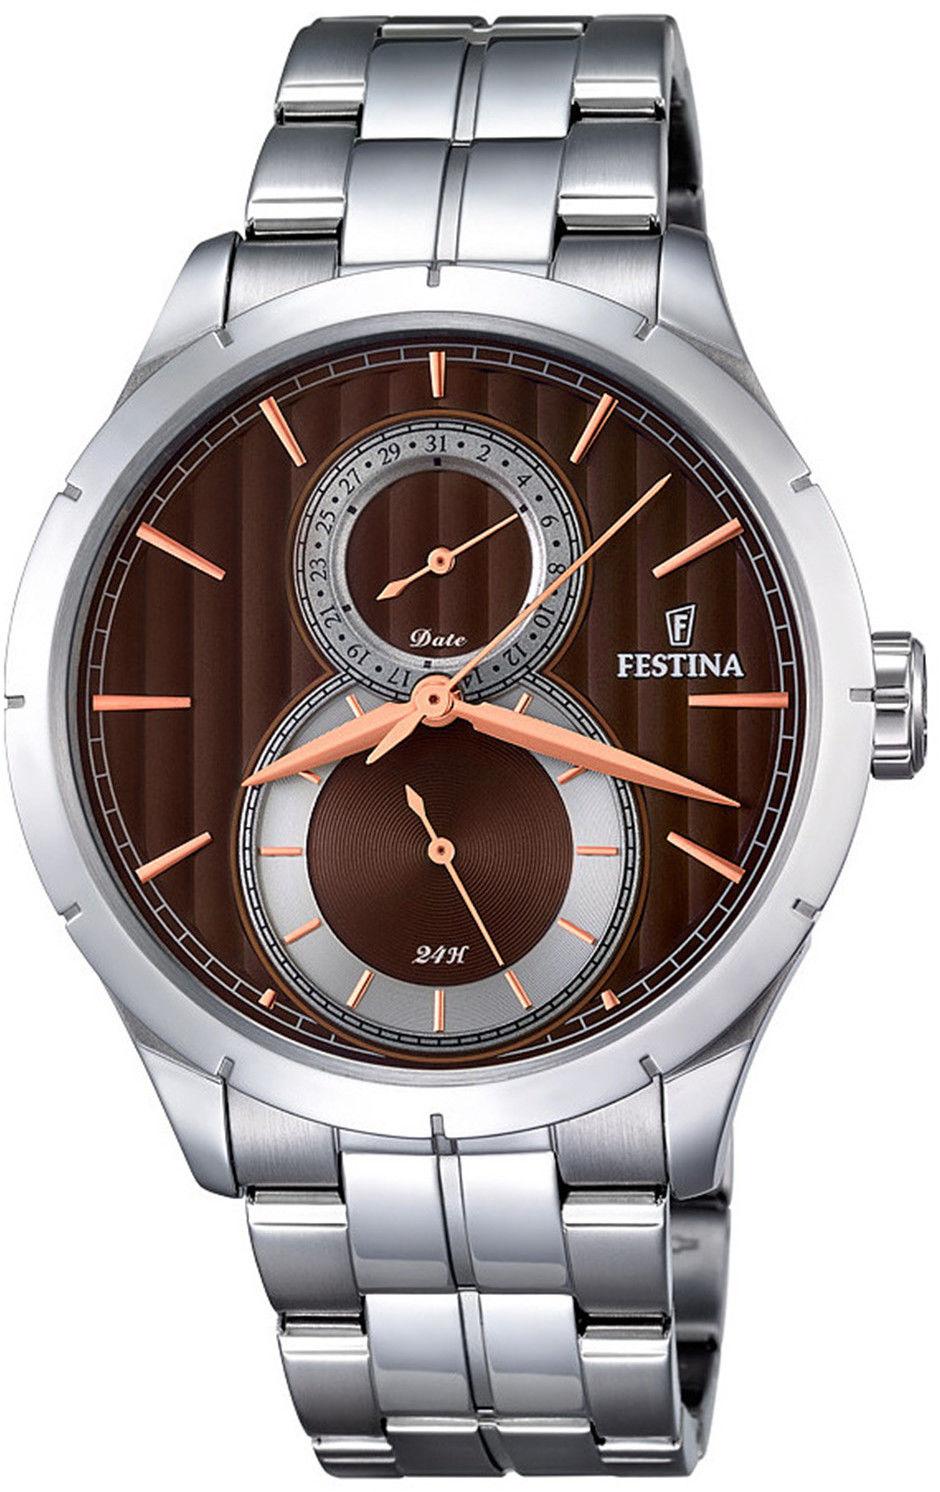 Zegarek Festina F16891-5 Retro Multifunction - CENA DO NEGOCJACJI - DOSTAWA DHL GRATIS, KUPUJ BEZ RYZYKA - 100 dni na zwrot, możliwość wygrawerowania dowolnego tekstu.